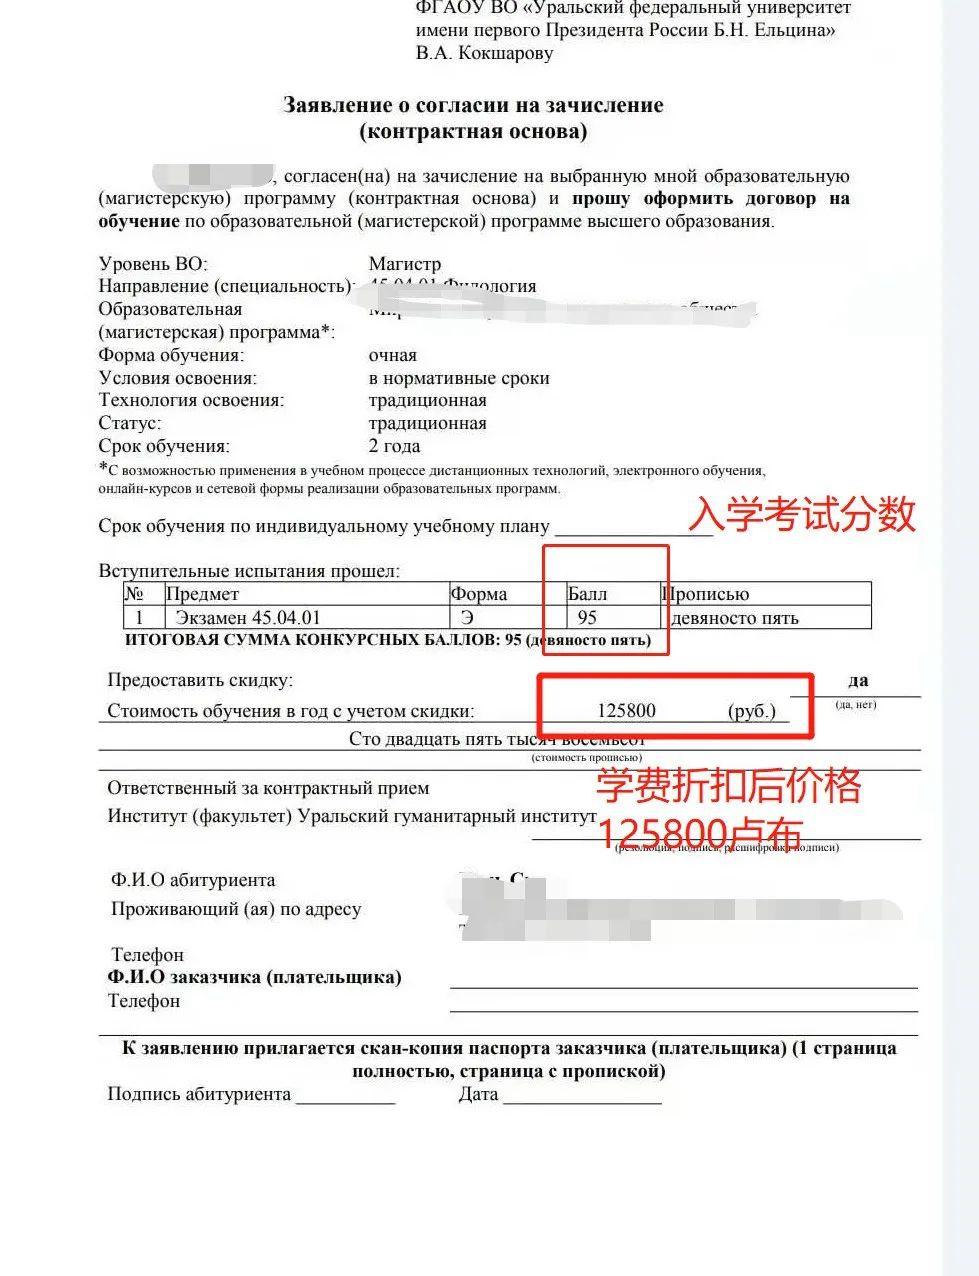 乌拉尔联邦大学我们公司学生入学的考试成绩 俄罗斯生活